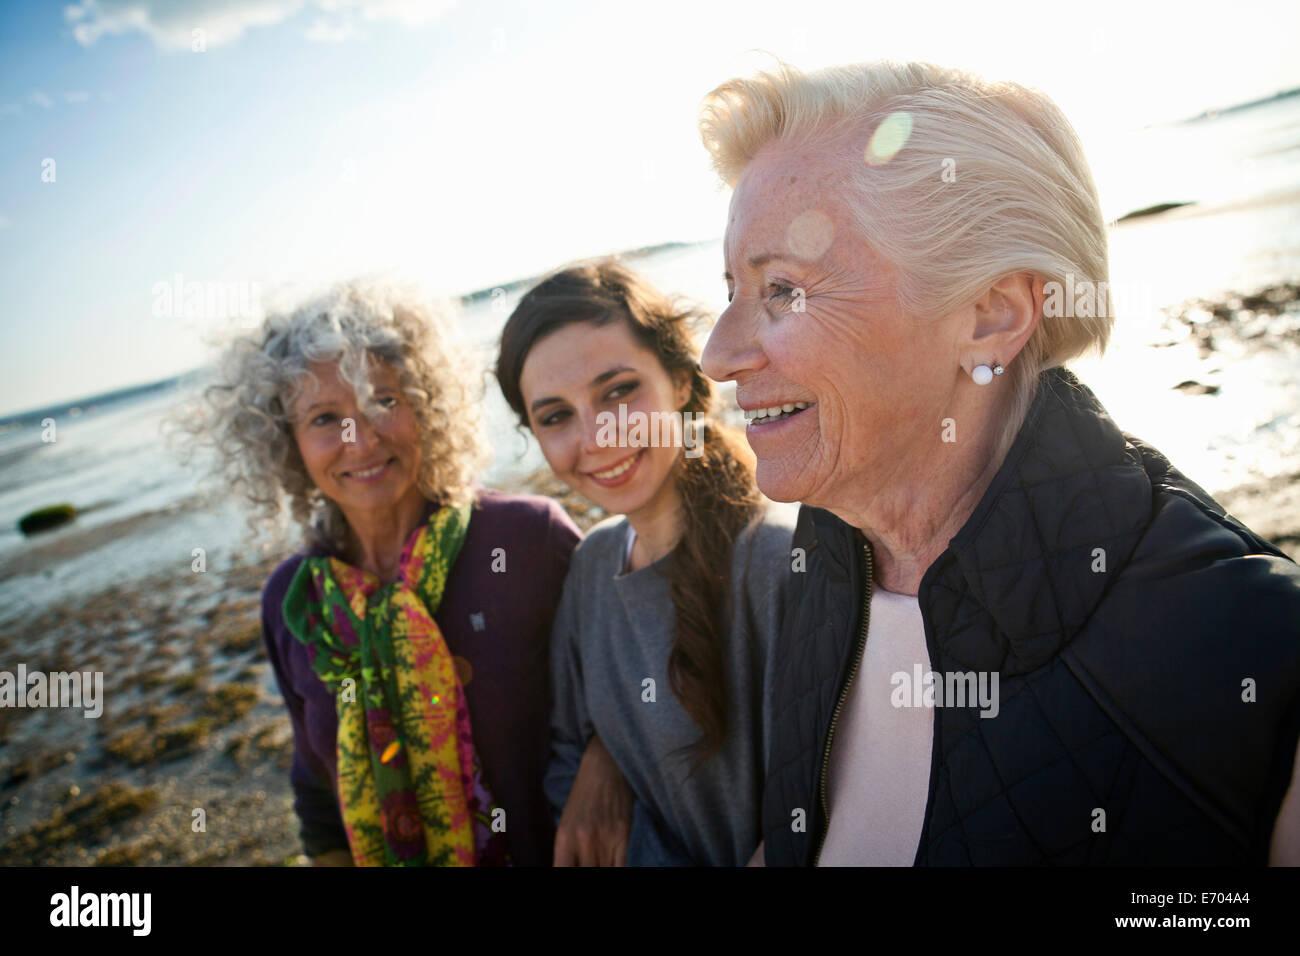 Weiblichen Familienmitgliedern chatten am Strand Stockbild